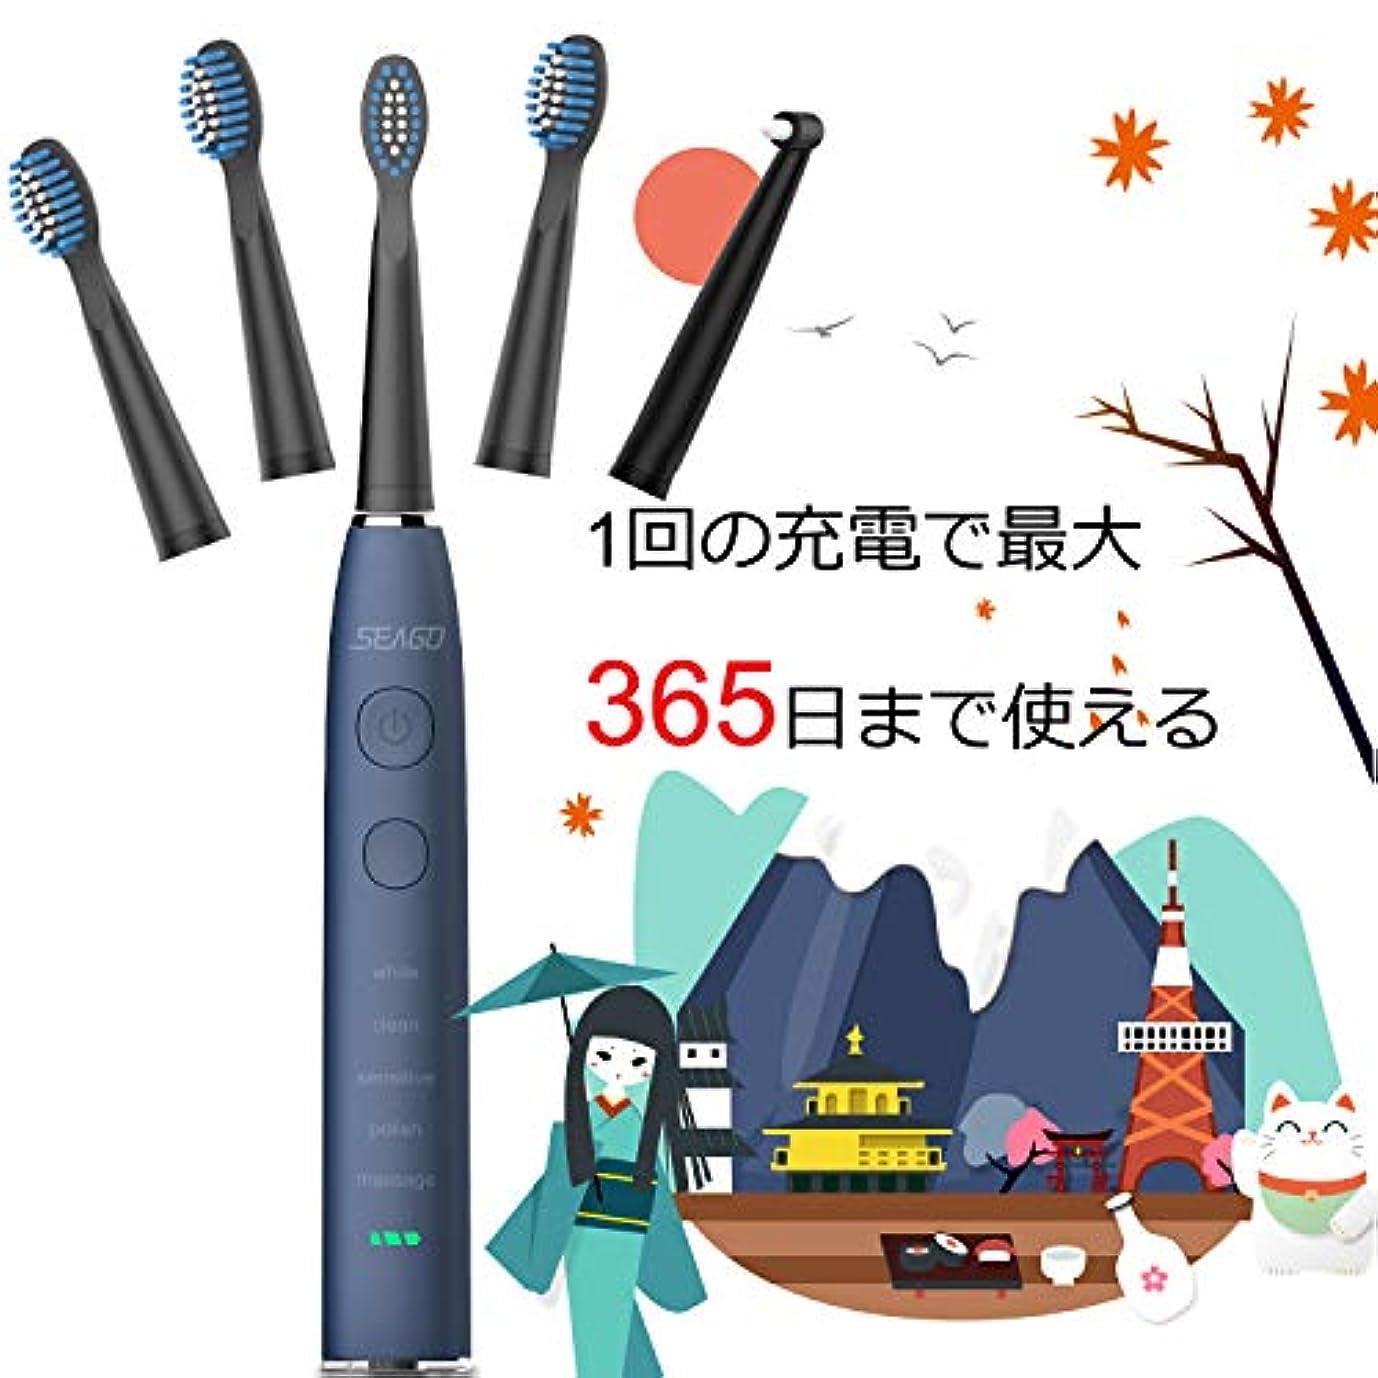 突破口洞察力のある複製する電動歯ブラシ 歯ブラシ seago 音波歯ブラシ USB充電式8時間 365日に使用 IPX7防水 五つモードと2分オートタイマー機能搭載 替えブラシ5本 12ヶ月メーカー保証 SG-575(ブルー)